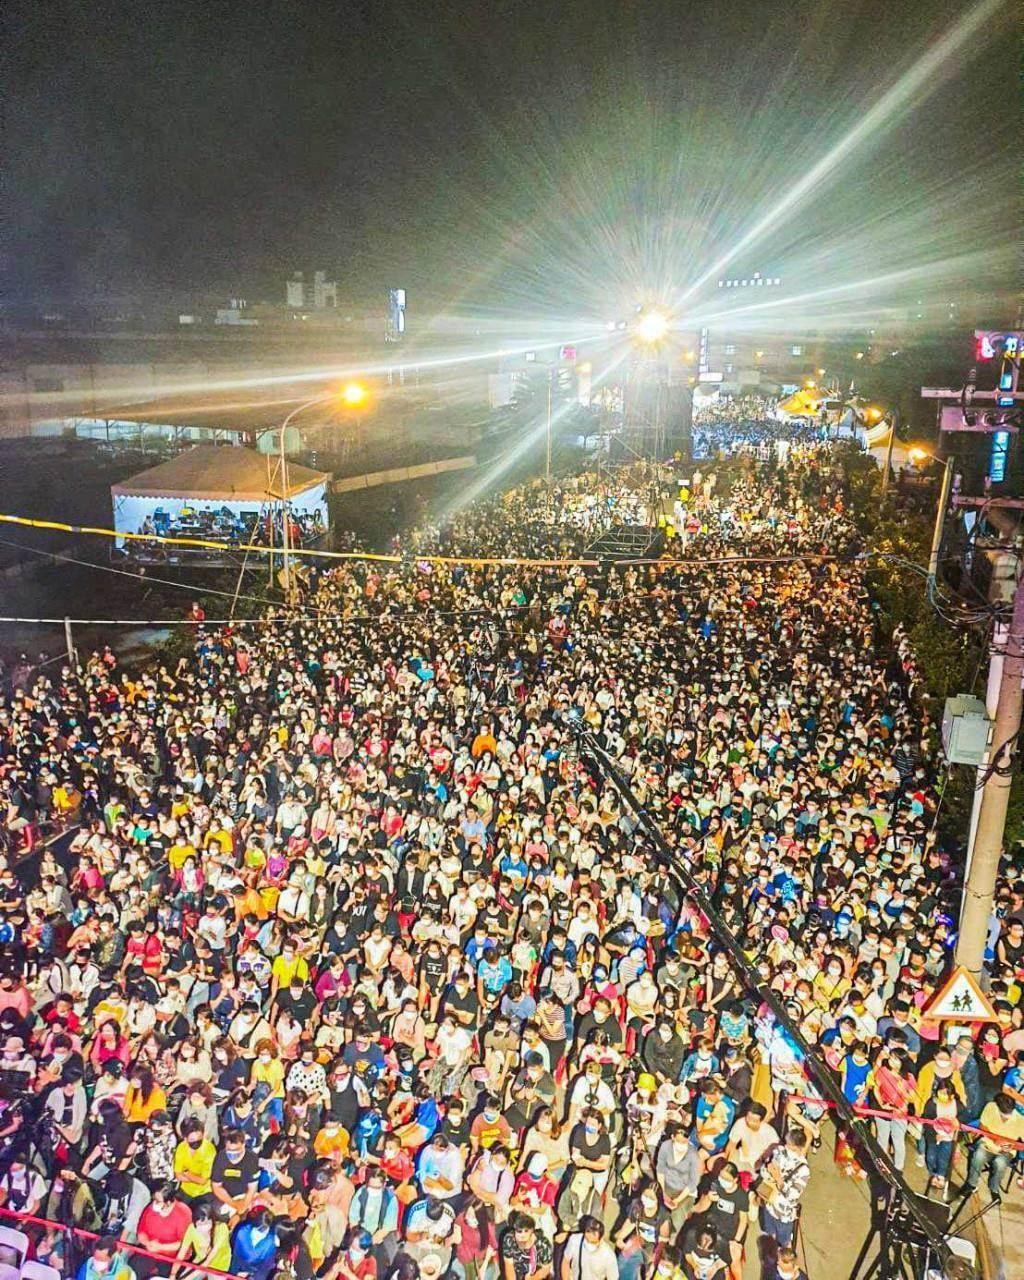 屏東縣長潘孟安1日在臉書表示,屏東黑鮪魚文化觀光季正式登場,他還分享了一張人潮洶湧的照片。(翻攝潘孟安臉書)